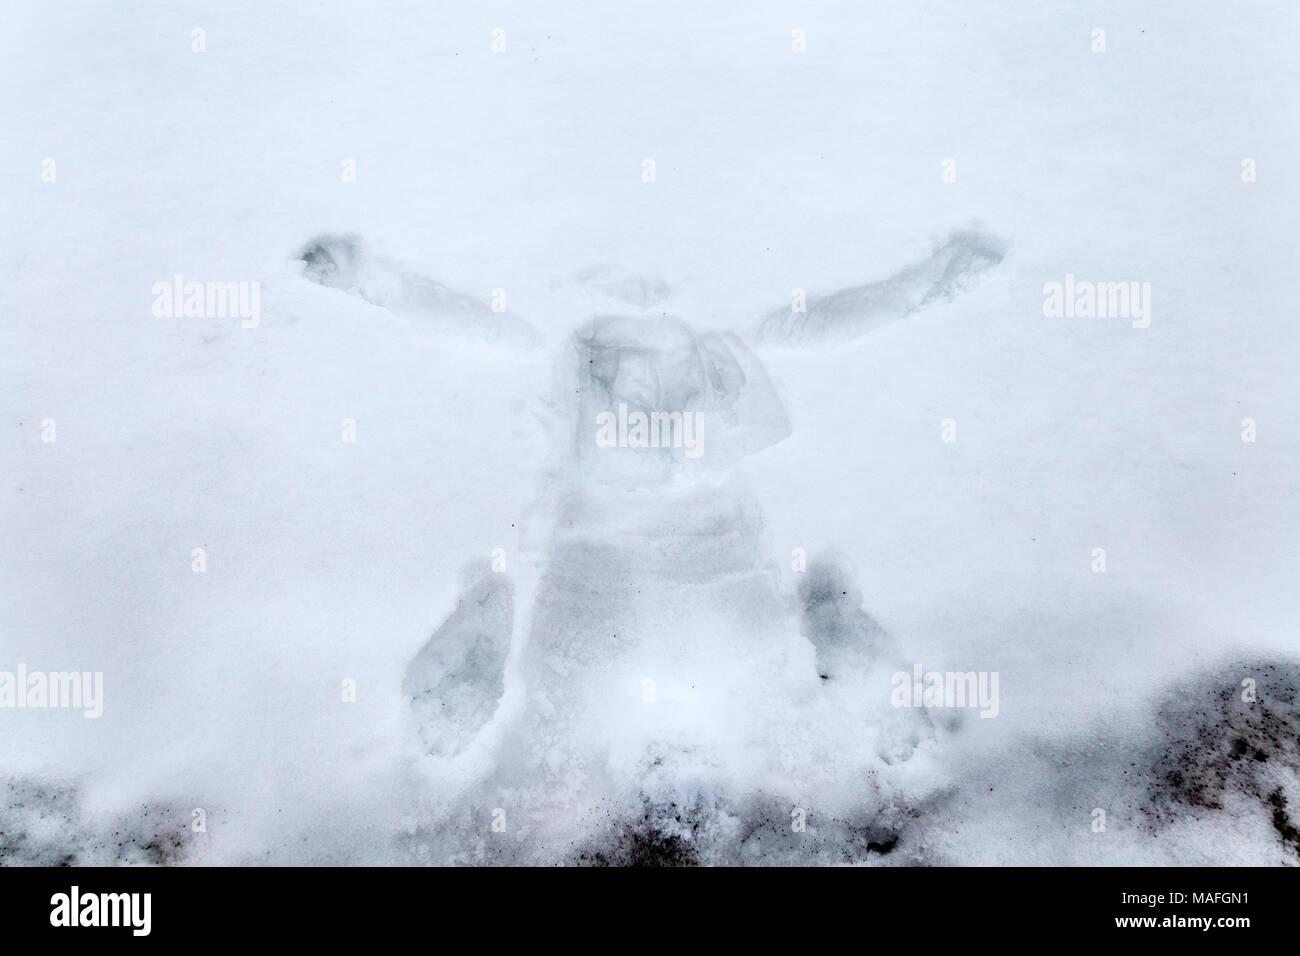 Snow Imprint Stock Photos & Snow Imprint Stock Images - Alamy